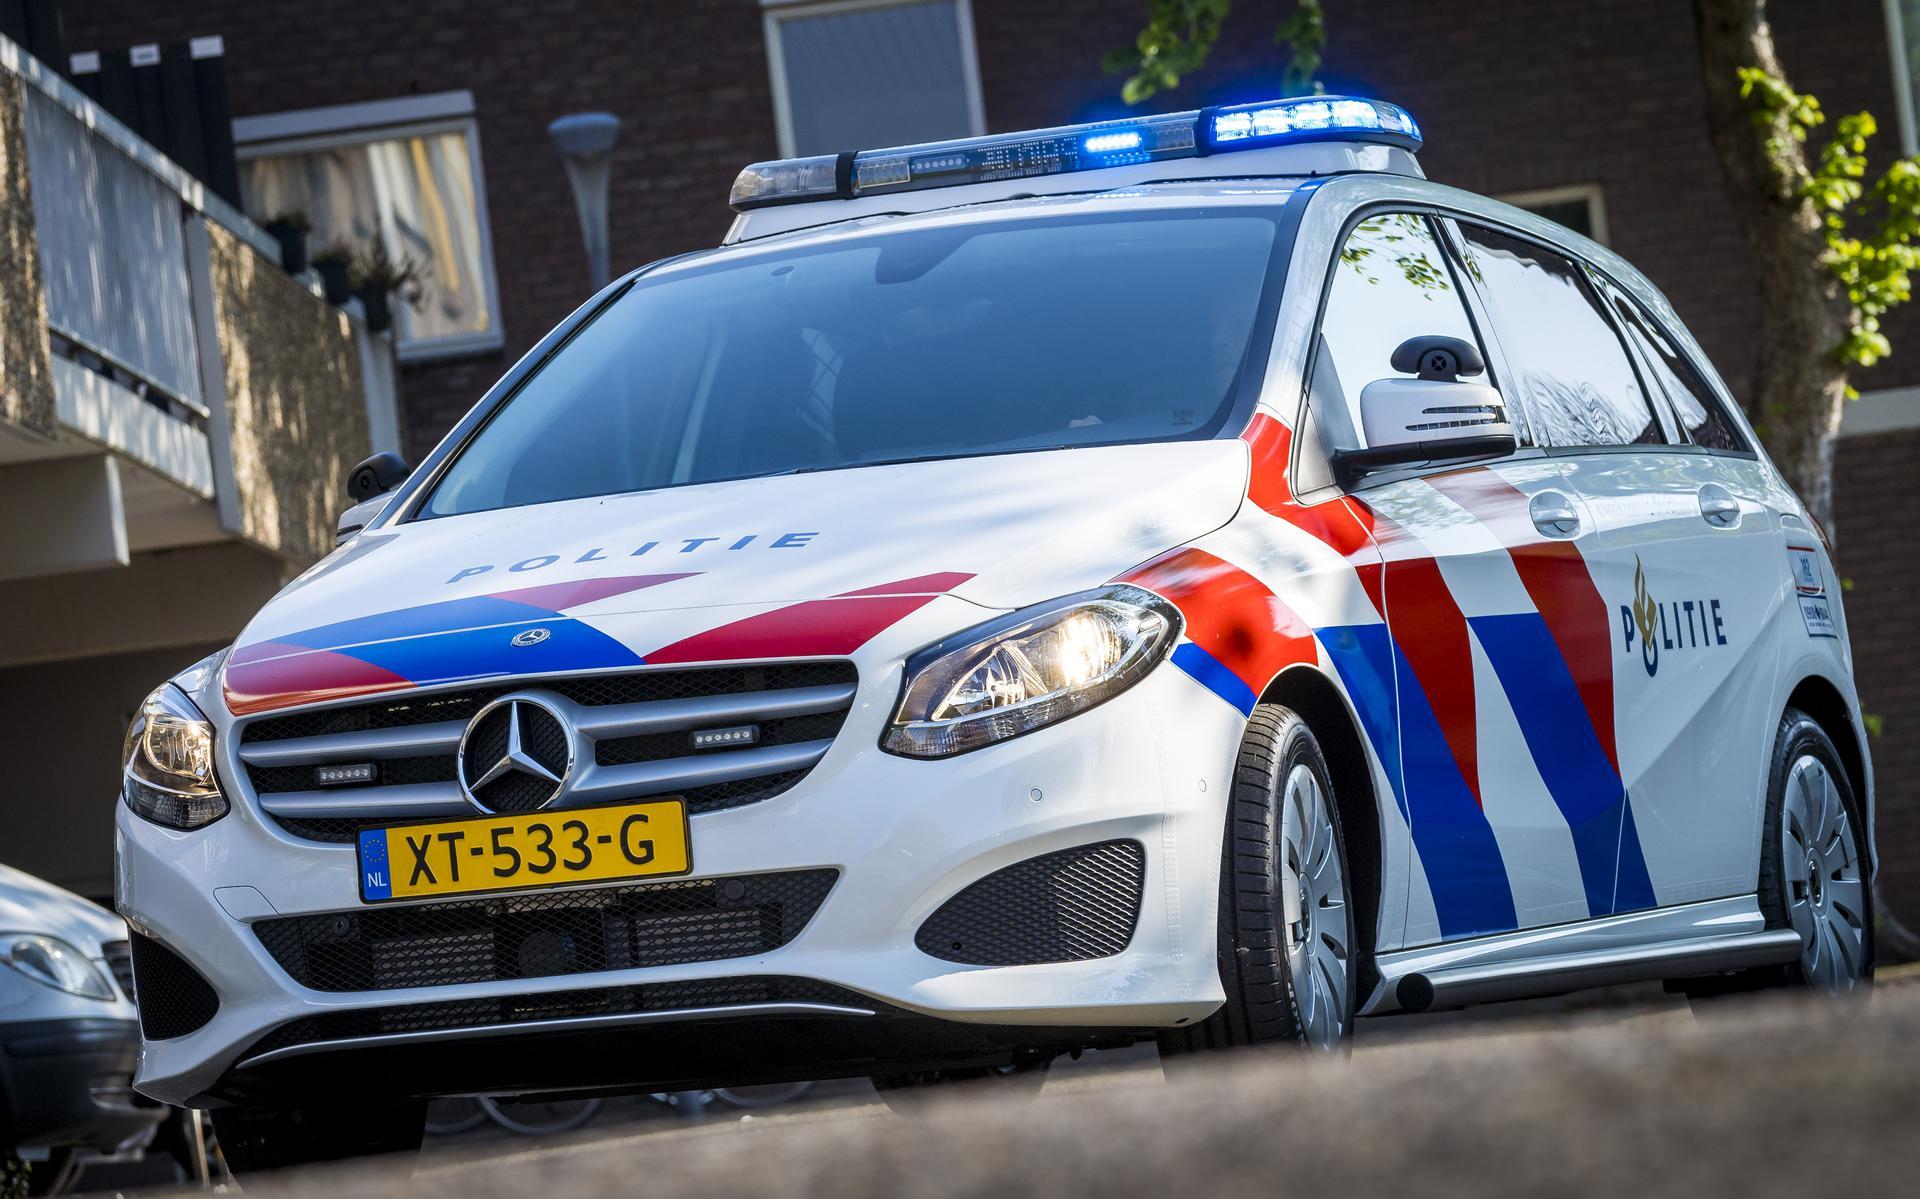 Politie geeft beelden vrij brandstichtingen #Harlingen.